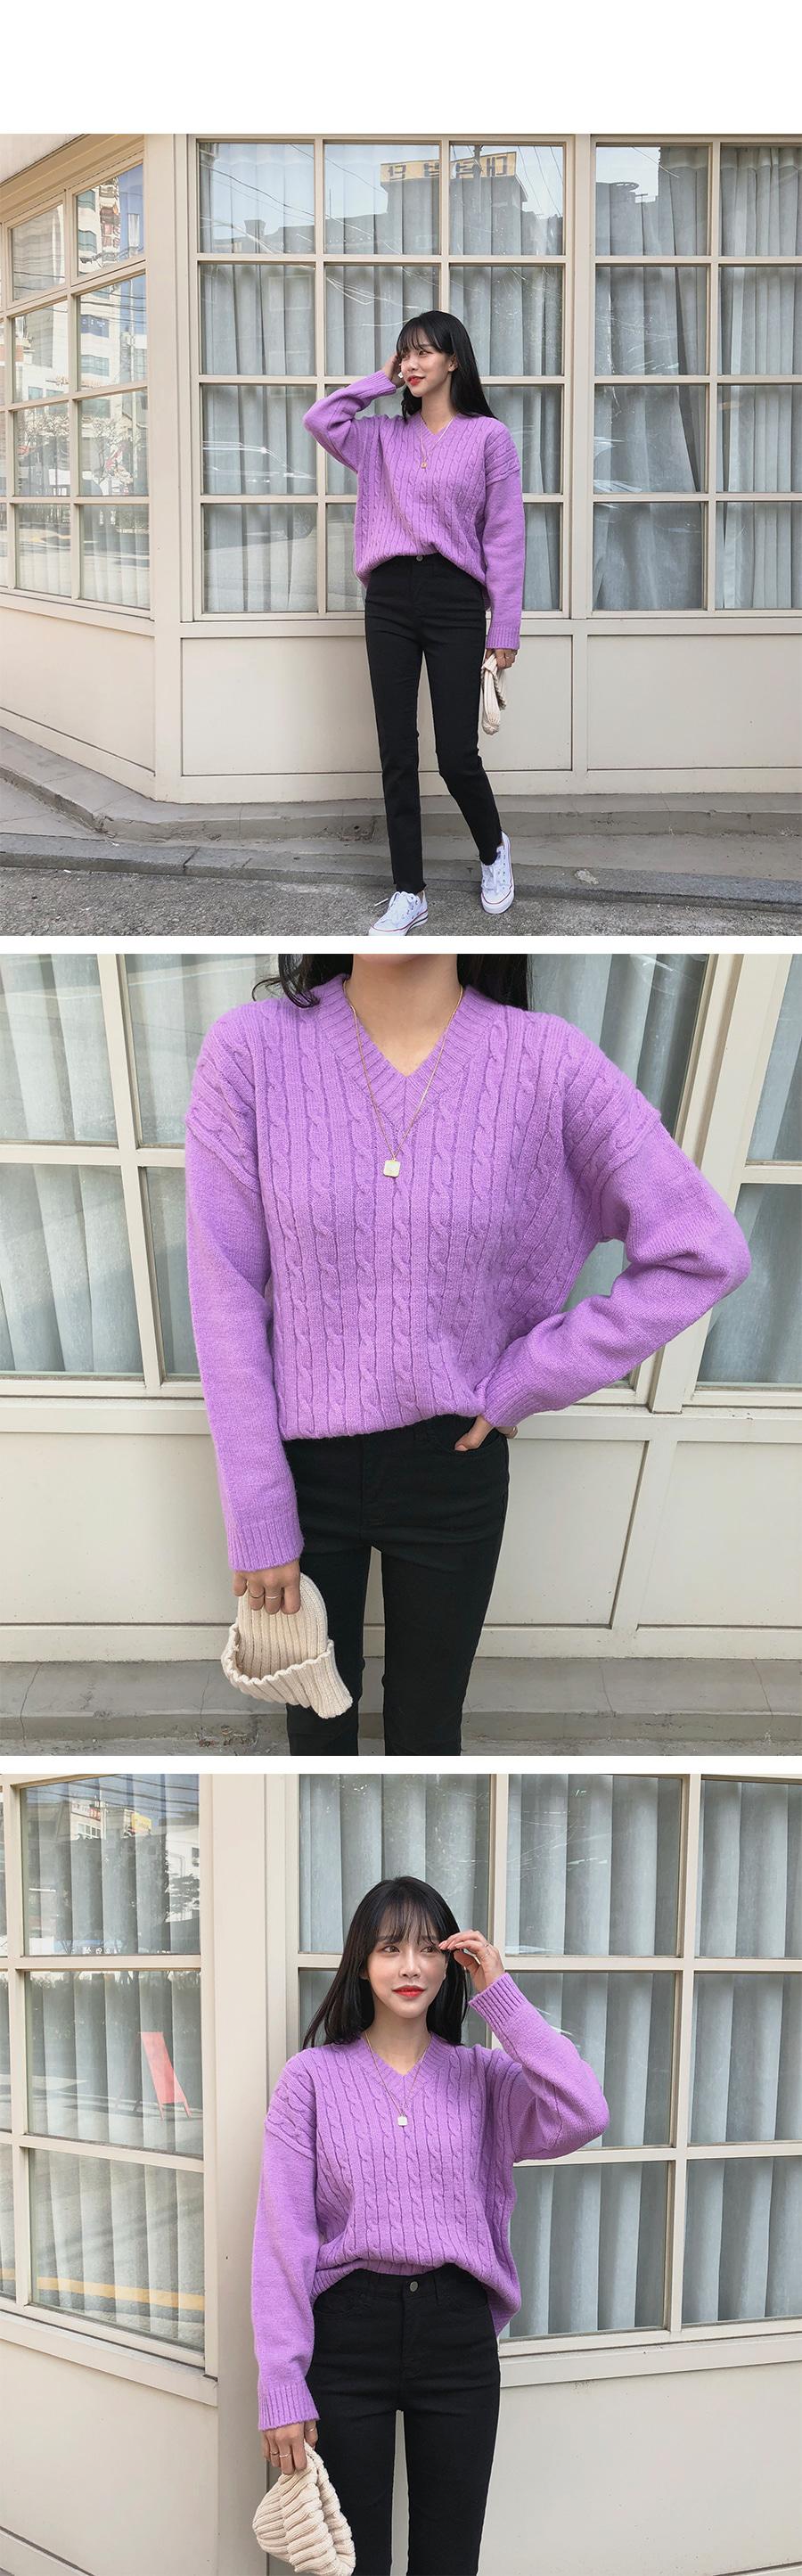 Vinneck V-neck knit